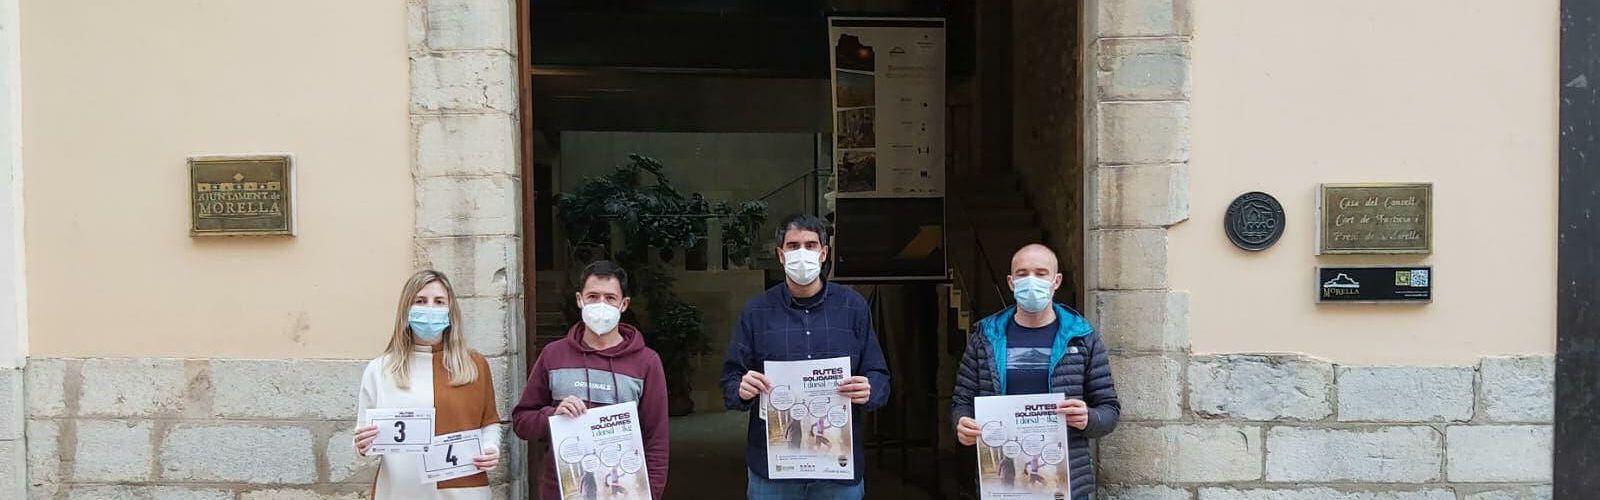 Morella inicia les Rutes Solidàries